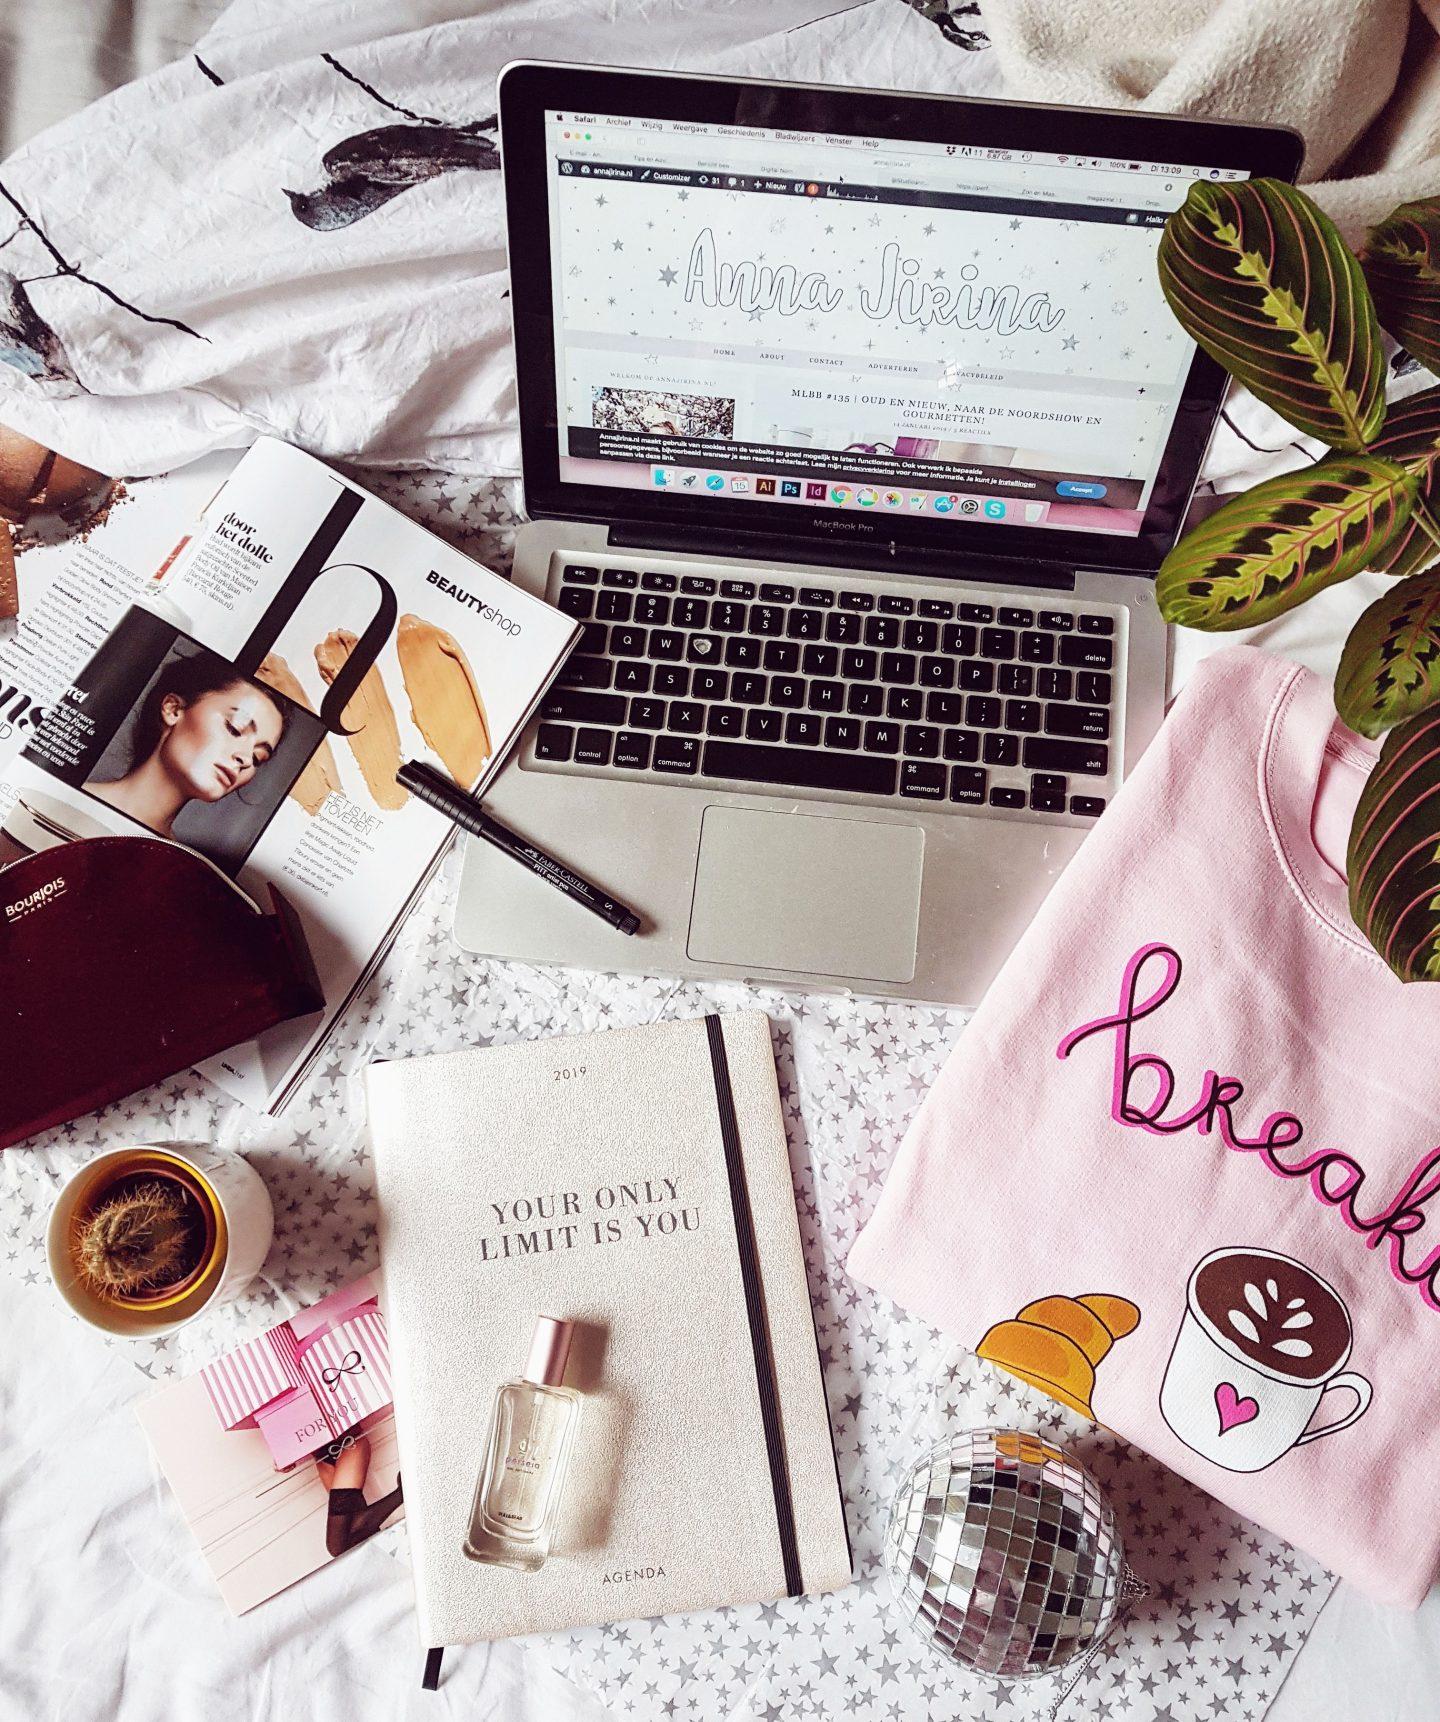 Deze 5 doelen wil ik in 2019 bereiken met mijn blog!